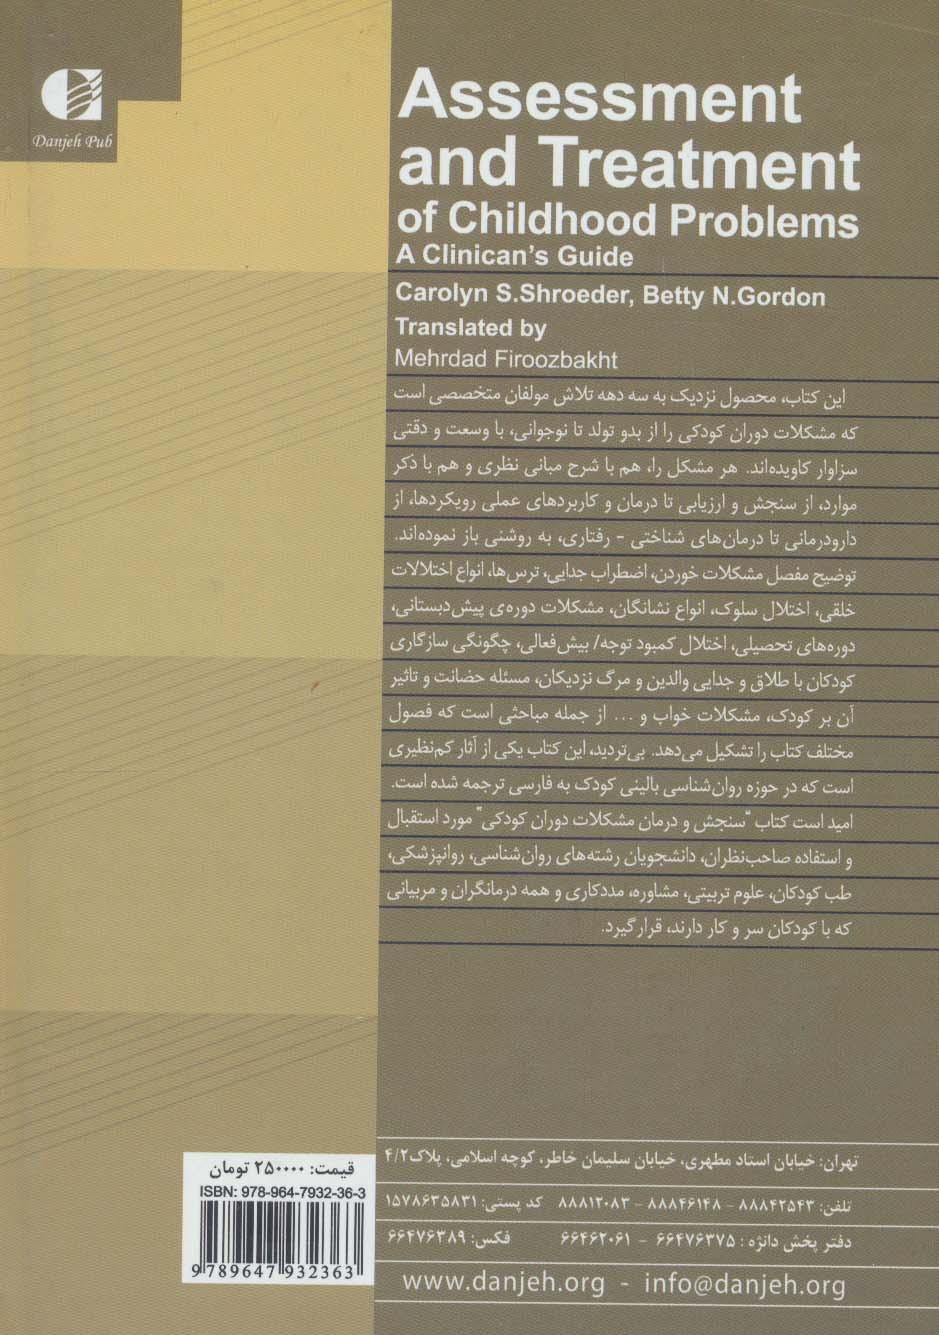 سنجش و درمان مشکلات دوران کودکی (راهنمای روان شناسان بالینی و روانپزشکان)